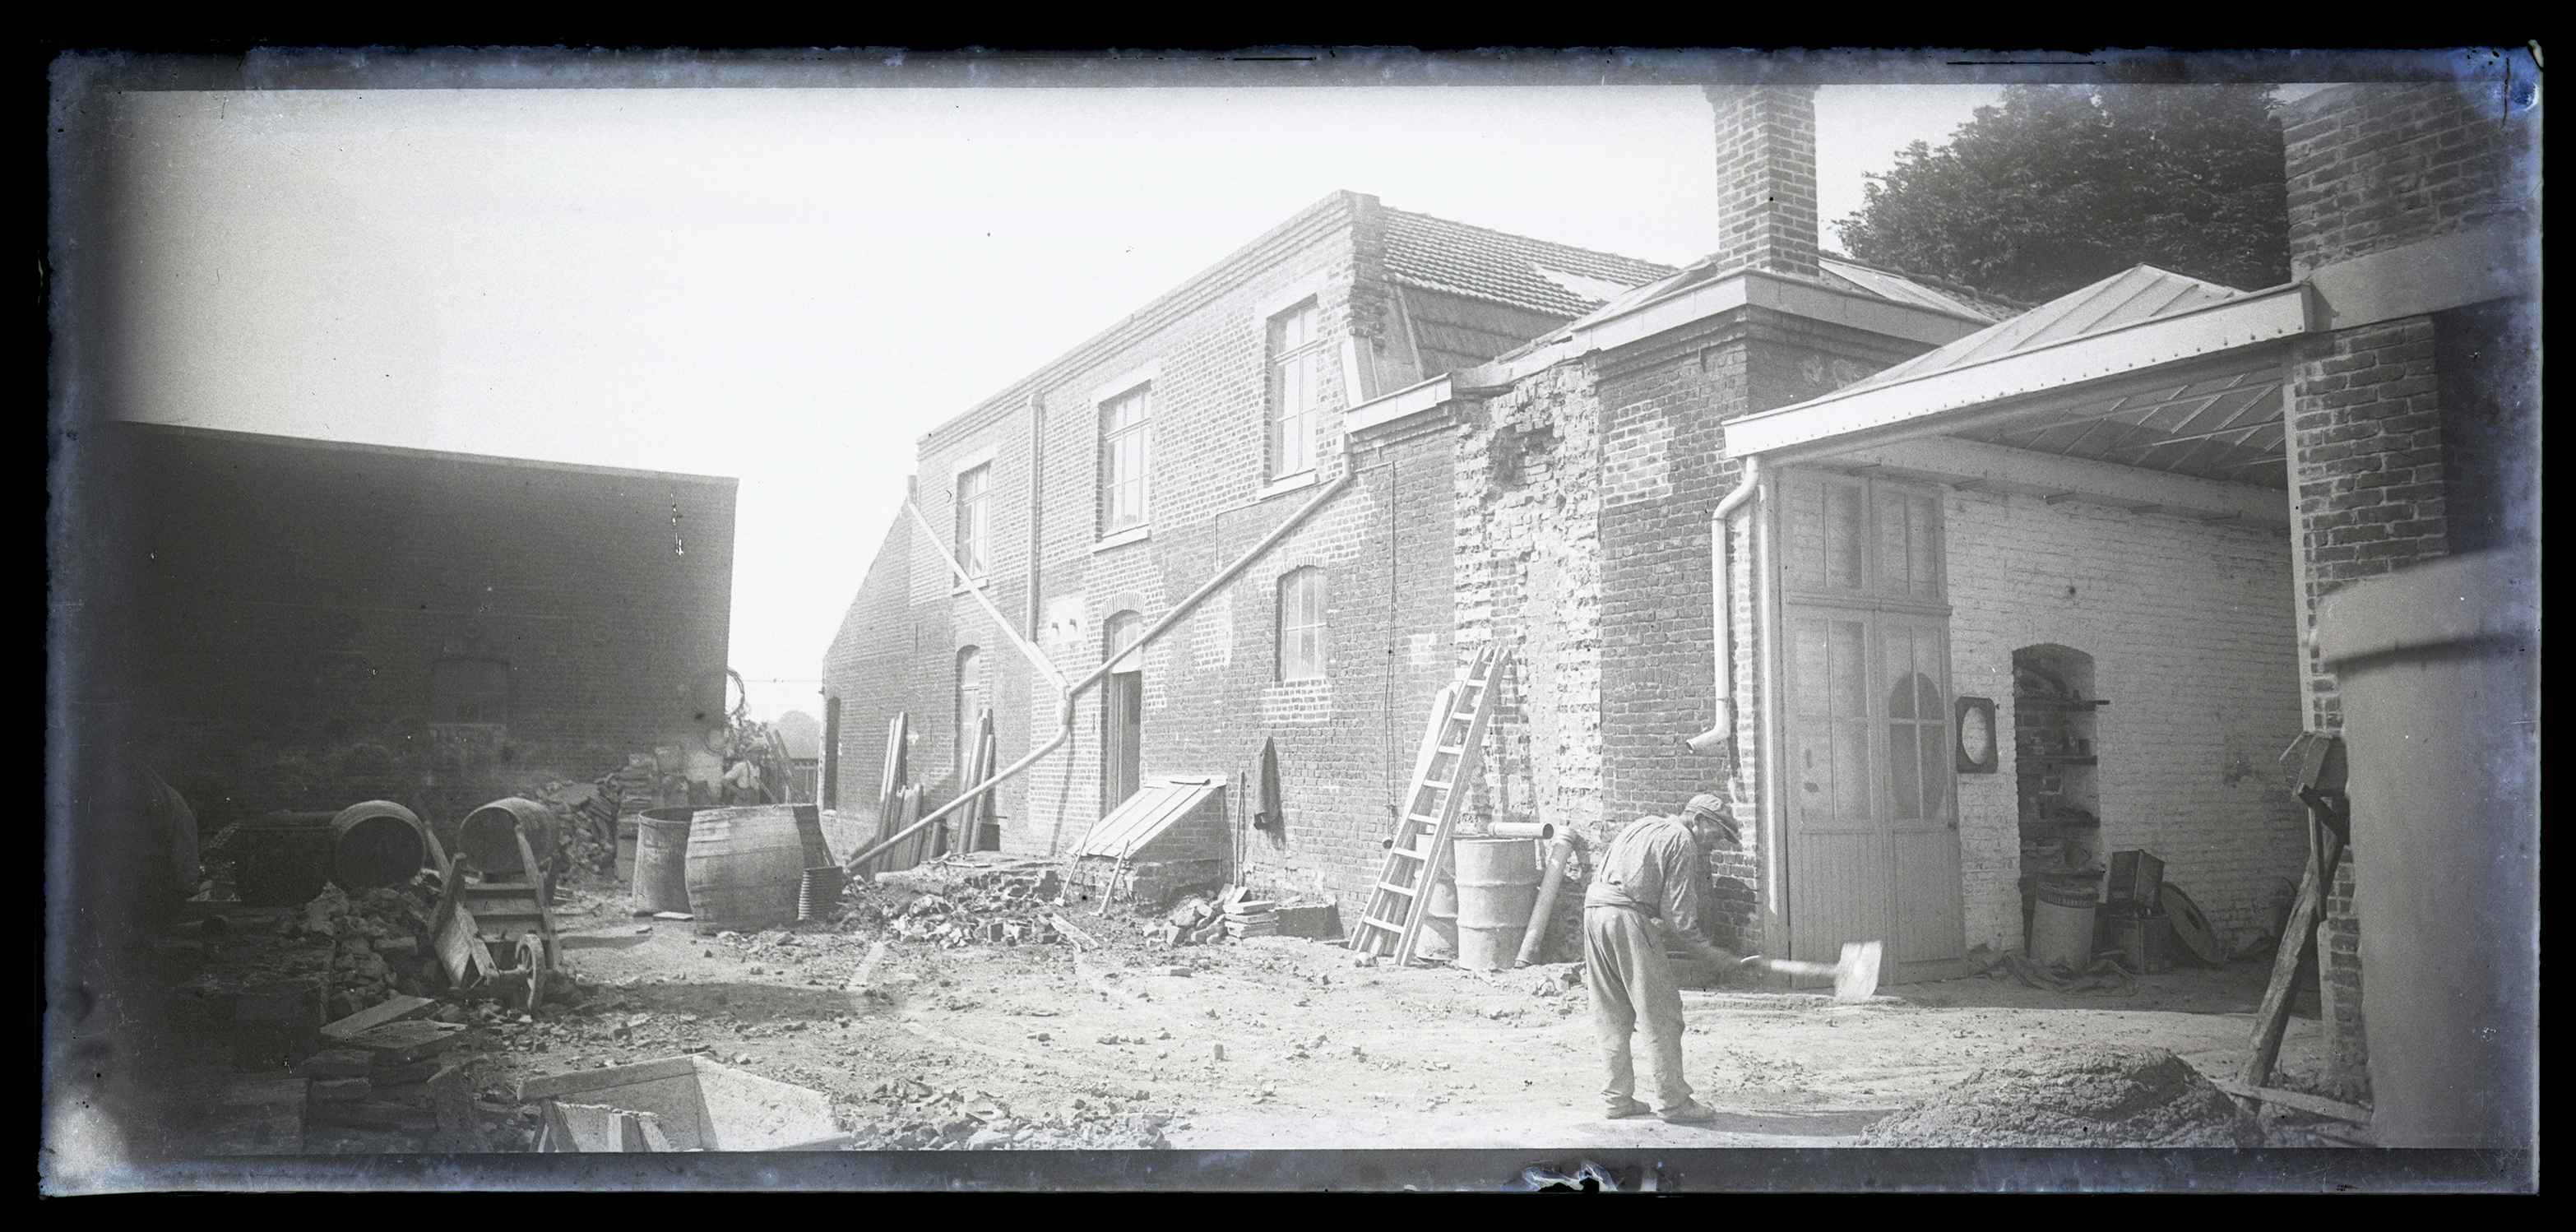 Ouvrier devant son usine : négatif sur plaque de verre, Thumesnil (Nord), années 1920.